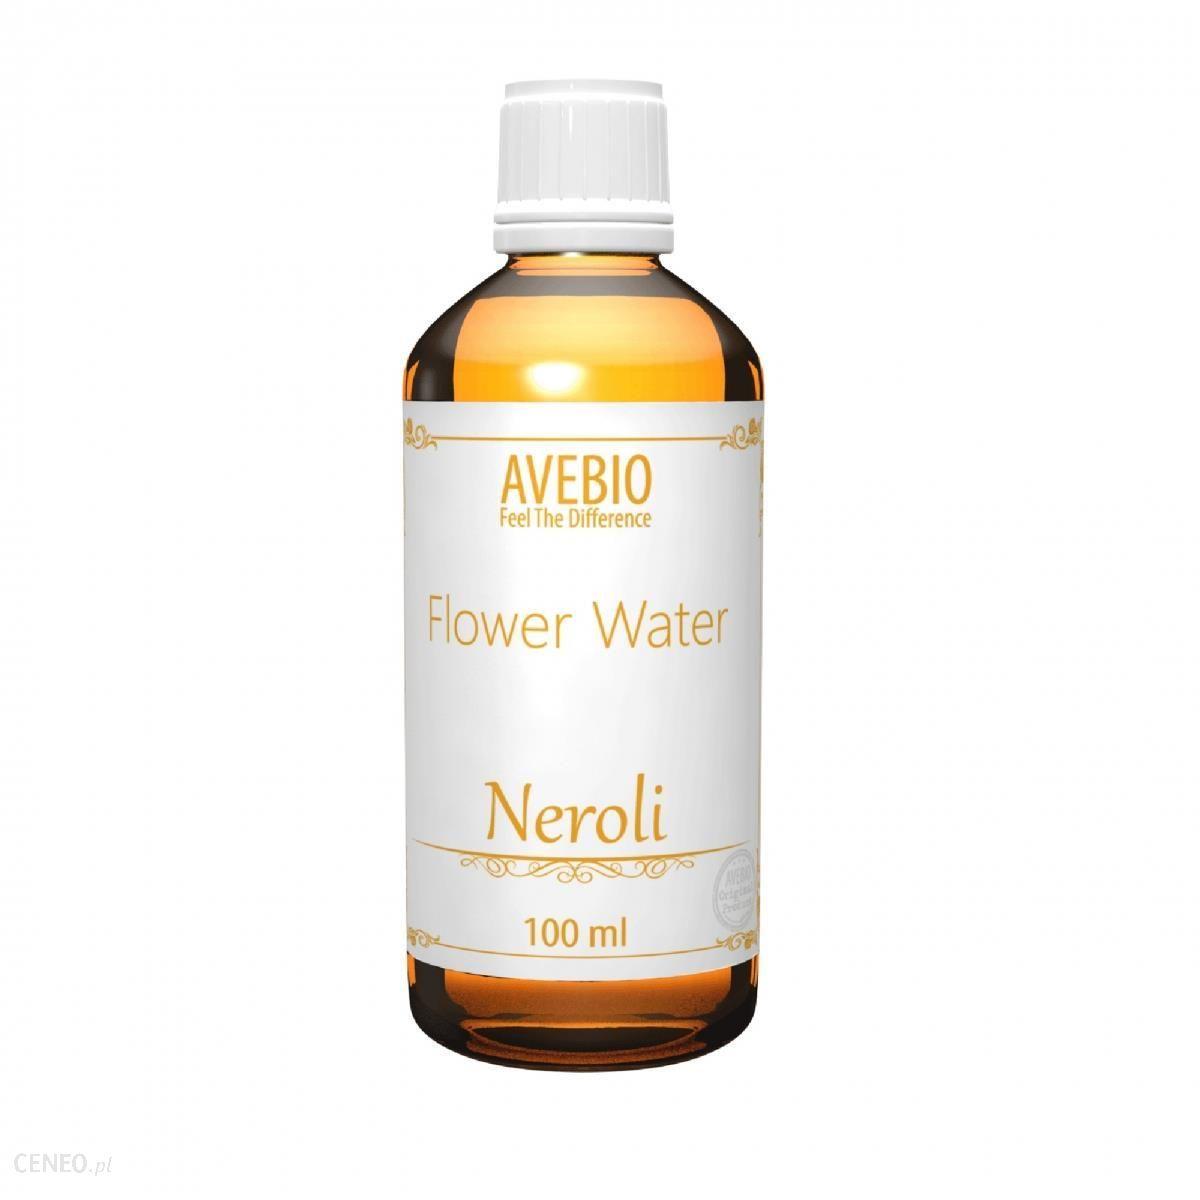 Avebio Woda Hydrolat z Neroli 100ml